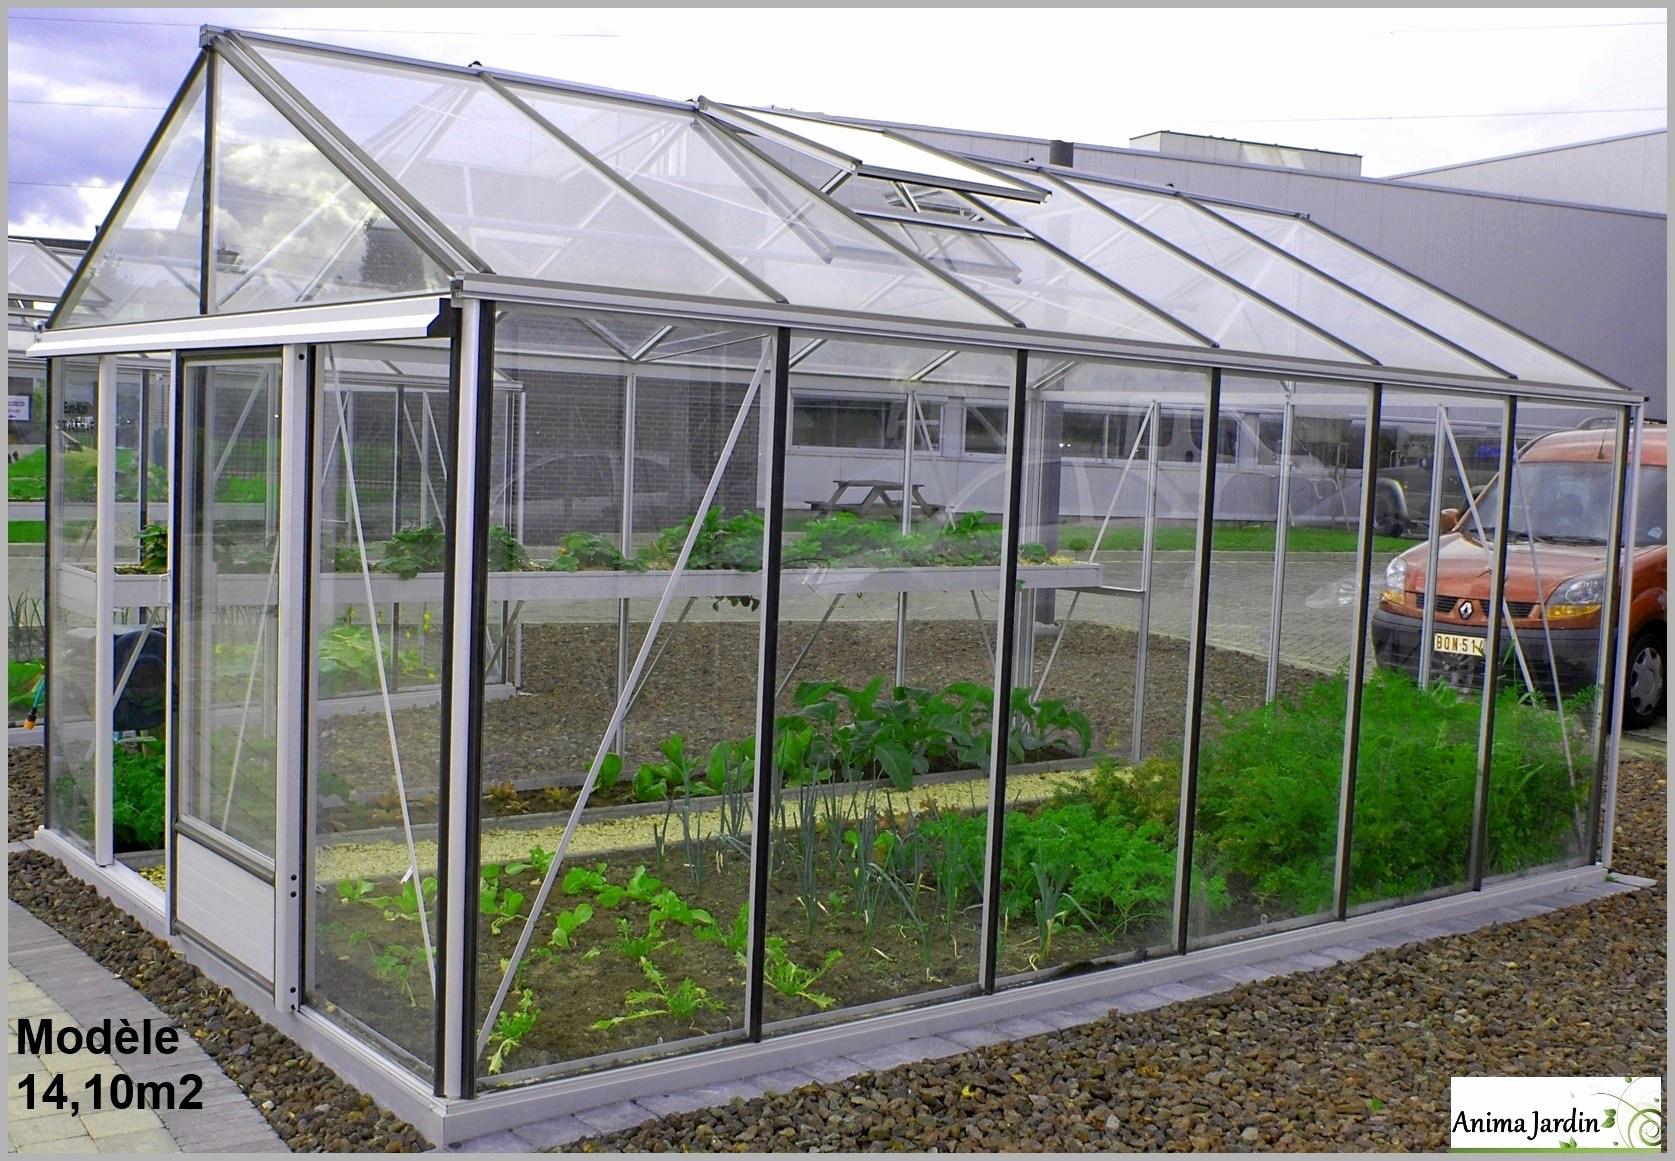 Castorama Serre De Jardin Polycarbonate – Gamboahinestrosa serapportantà Serre De Jardin 18M2 Polycarbonate